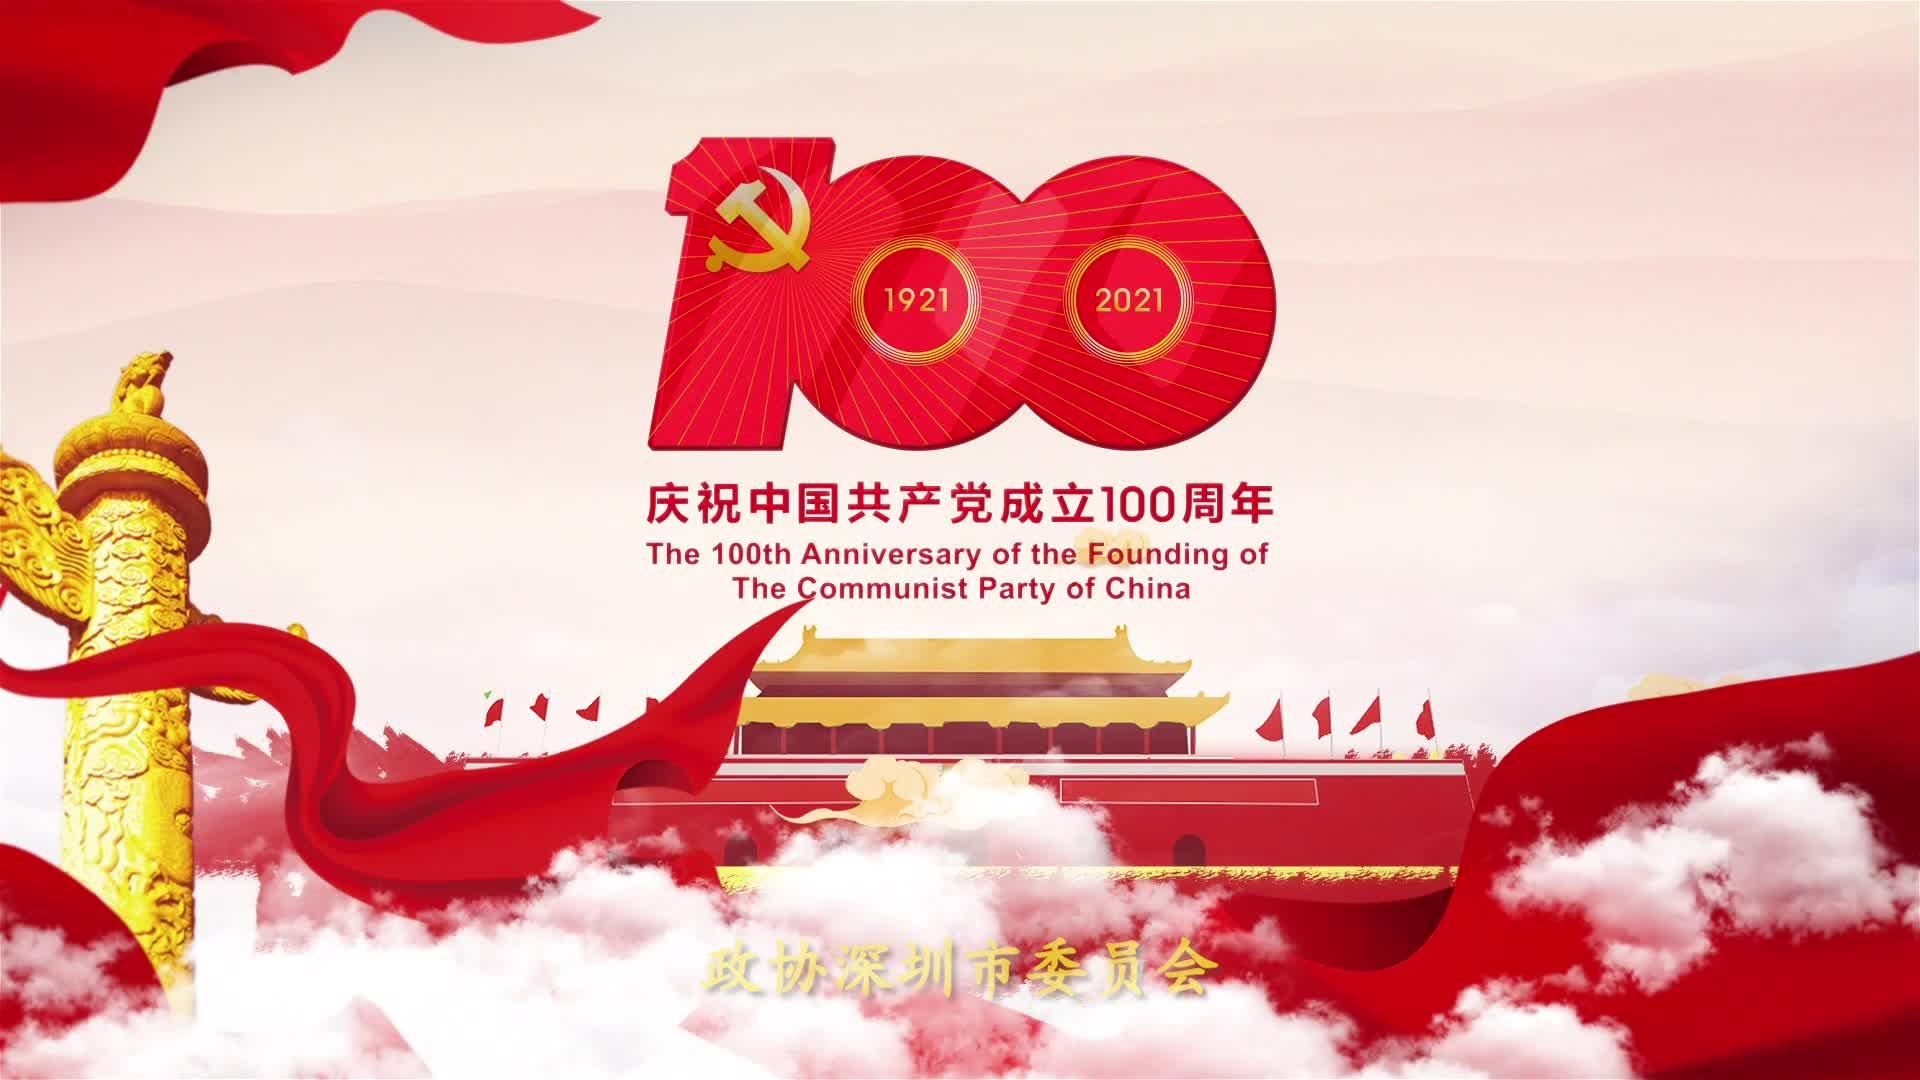 庆祝中国共产党成立100周年 深圳市政协高歌嘹亮诉深情